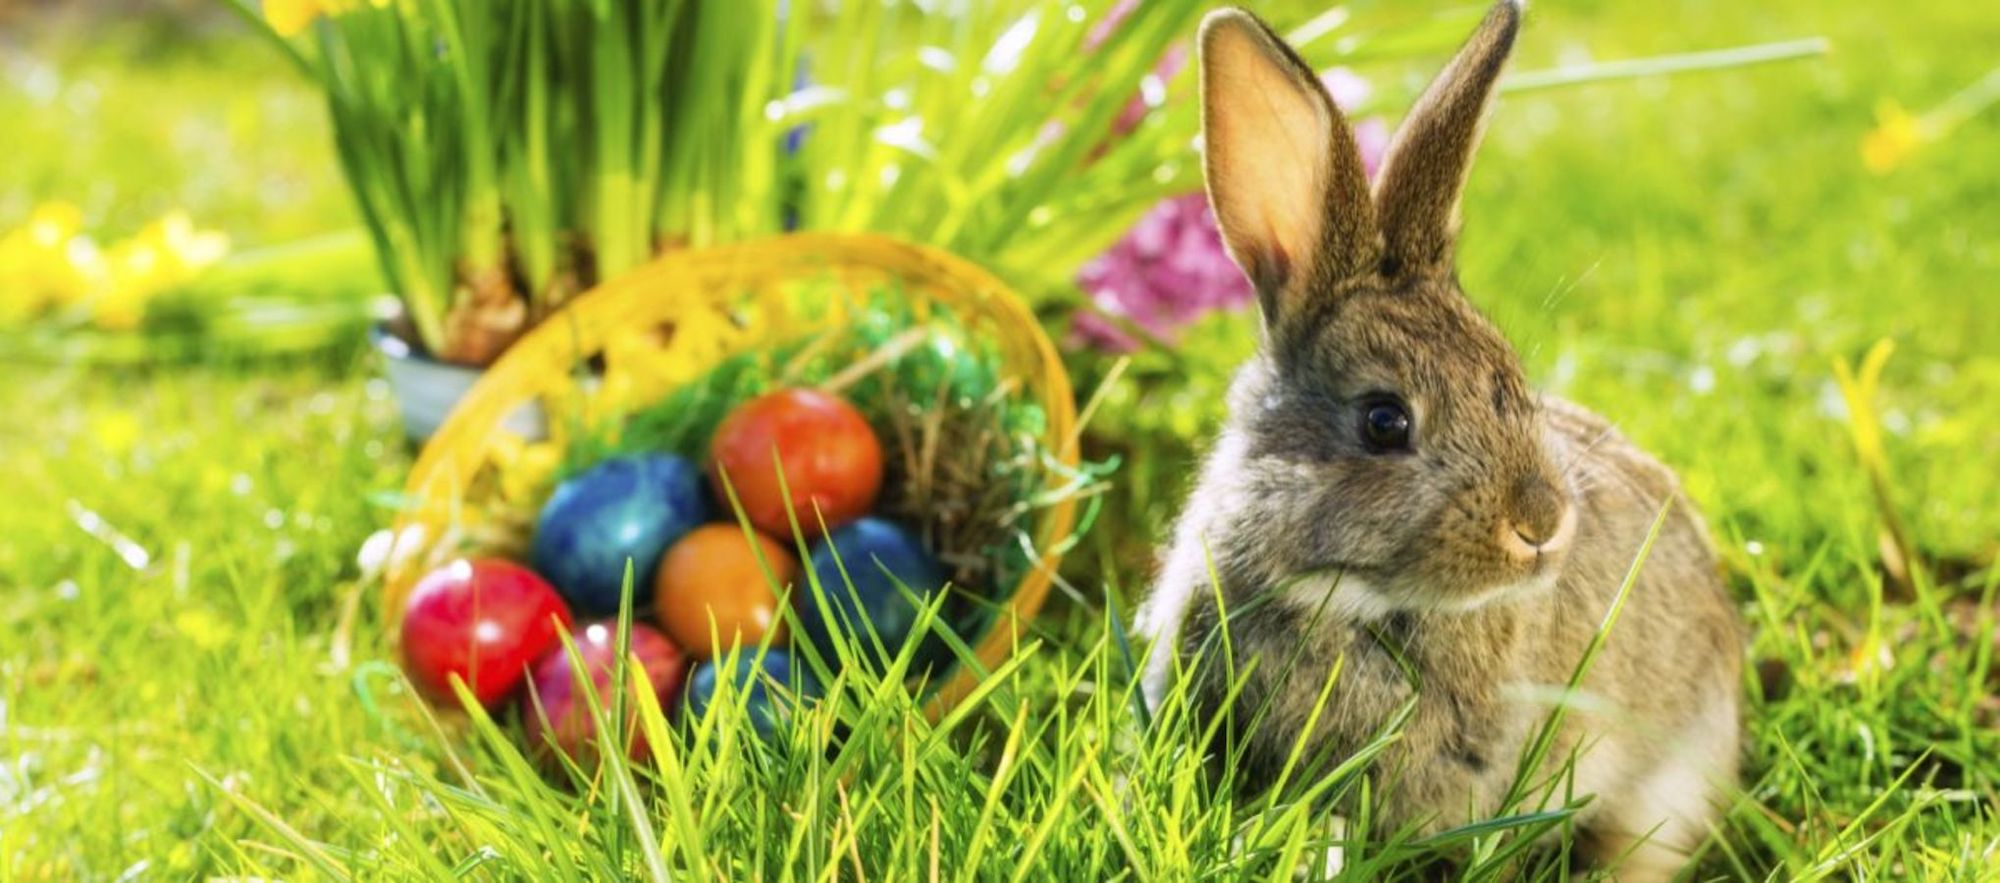 Zajac pri maľovanýcg vájičkach